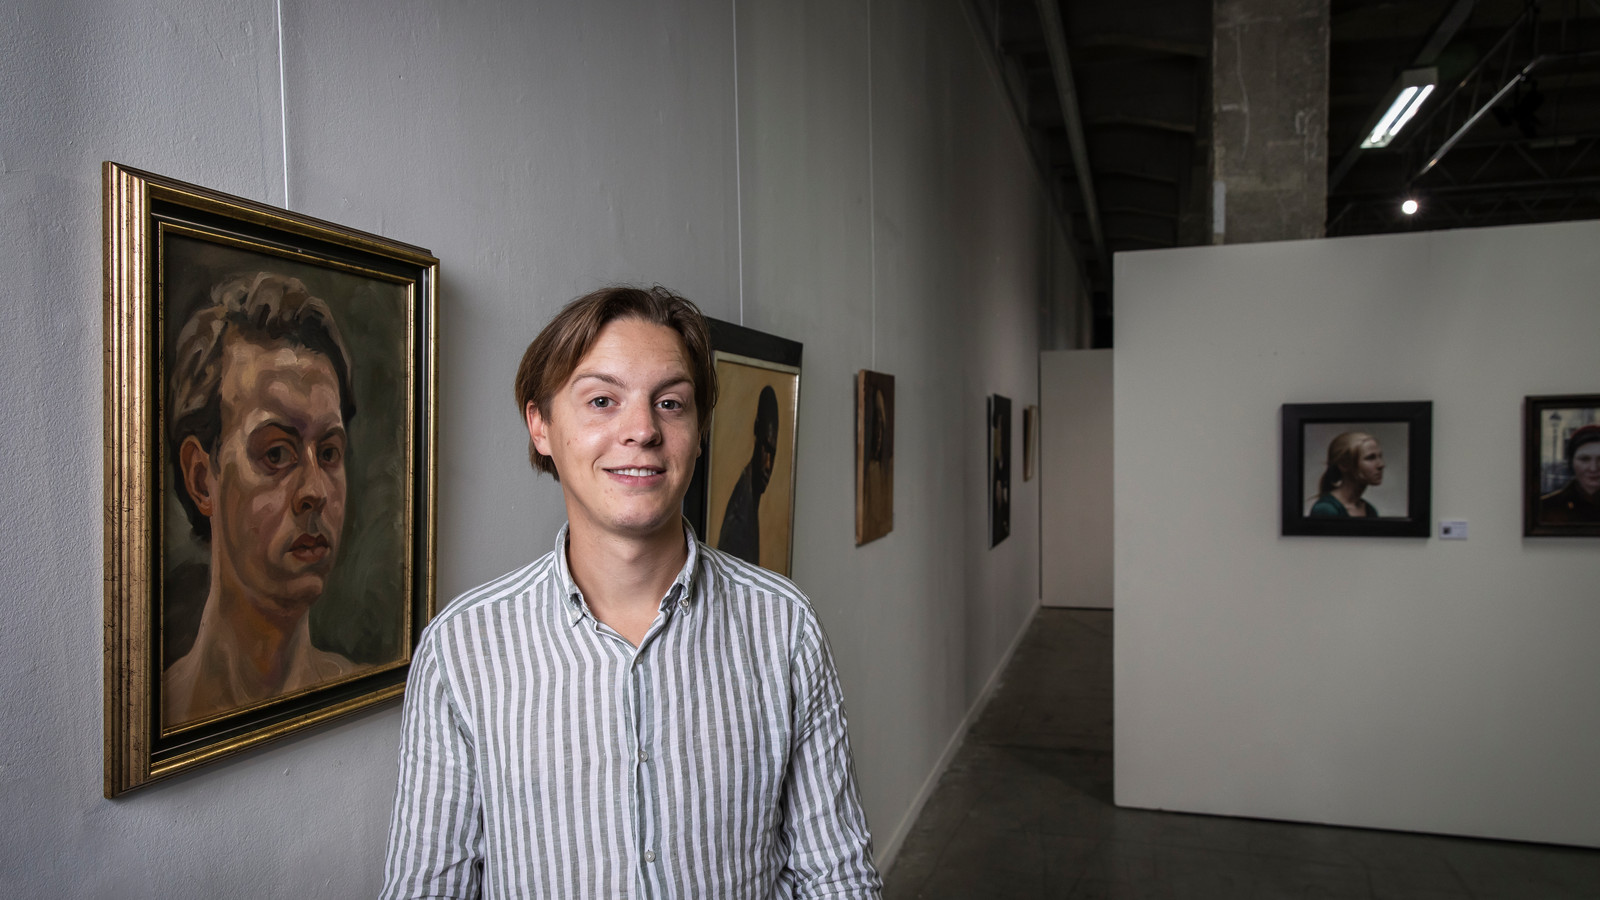 Jelle van de Ridder bij de 104 geselecteerde zelfportretten in Loods6 in Amsterdam.